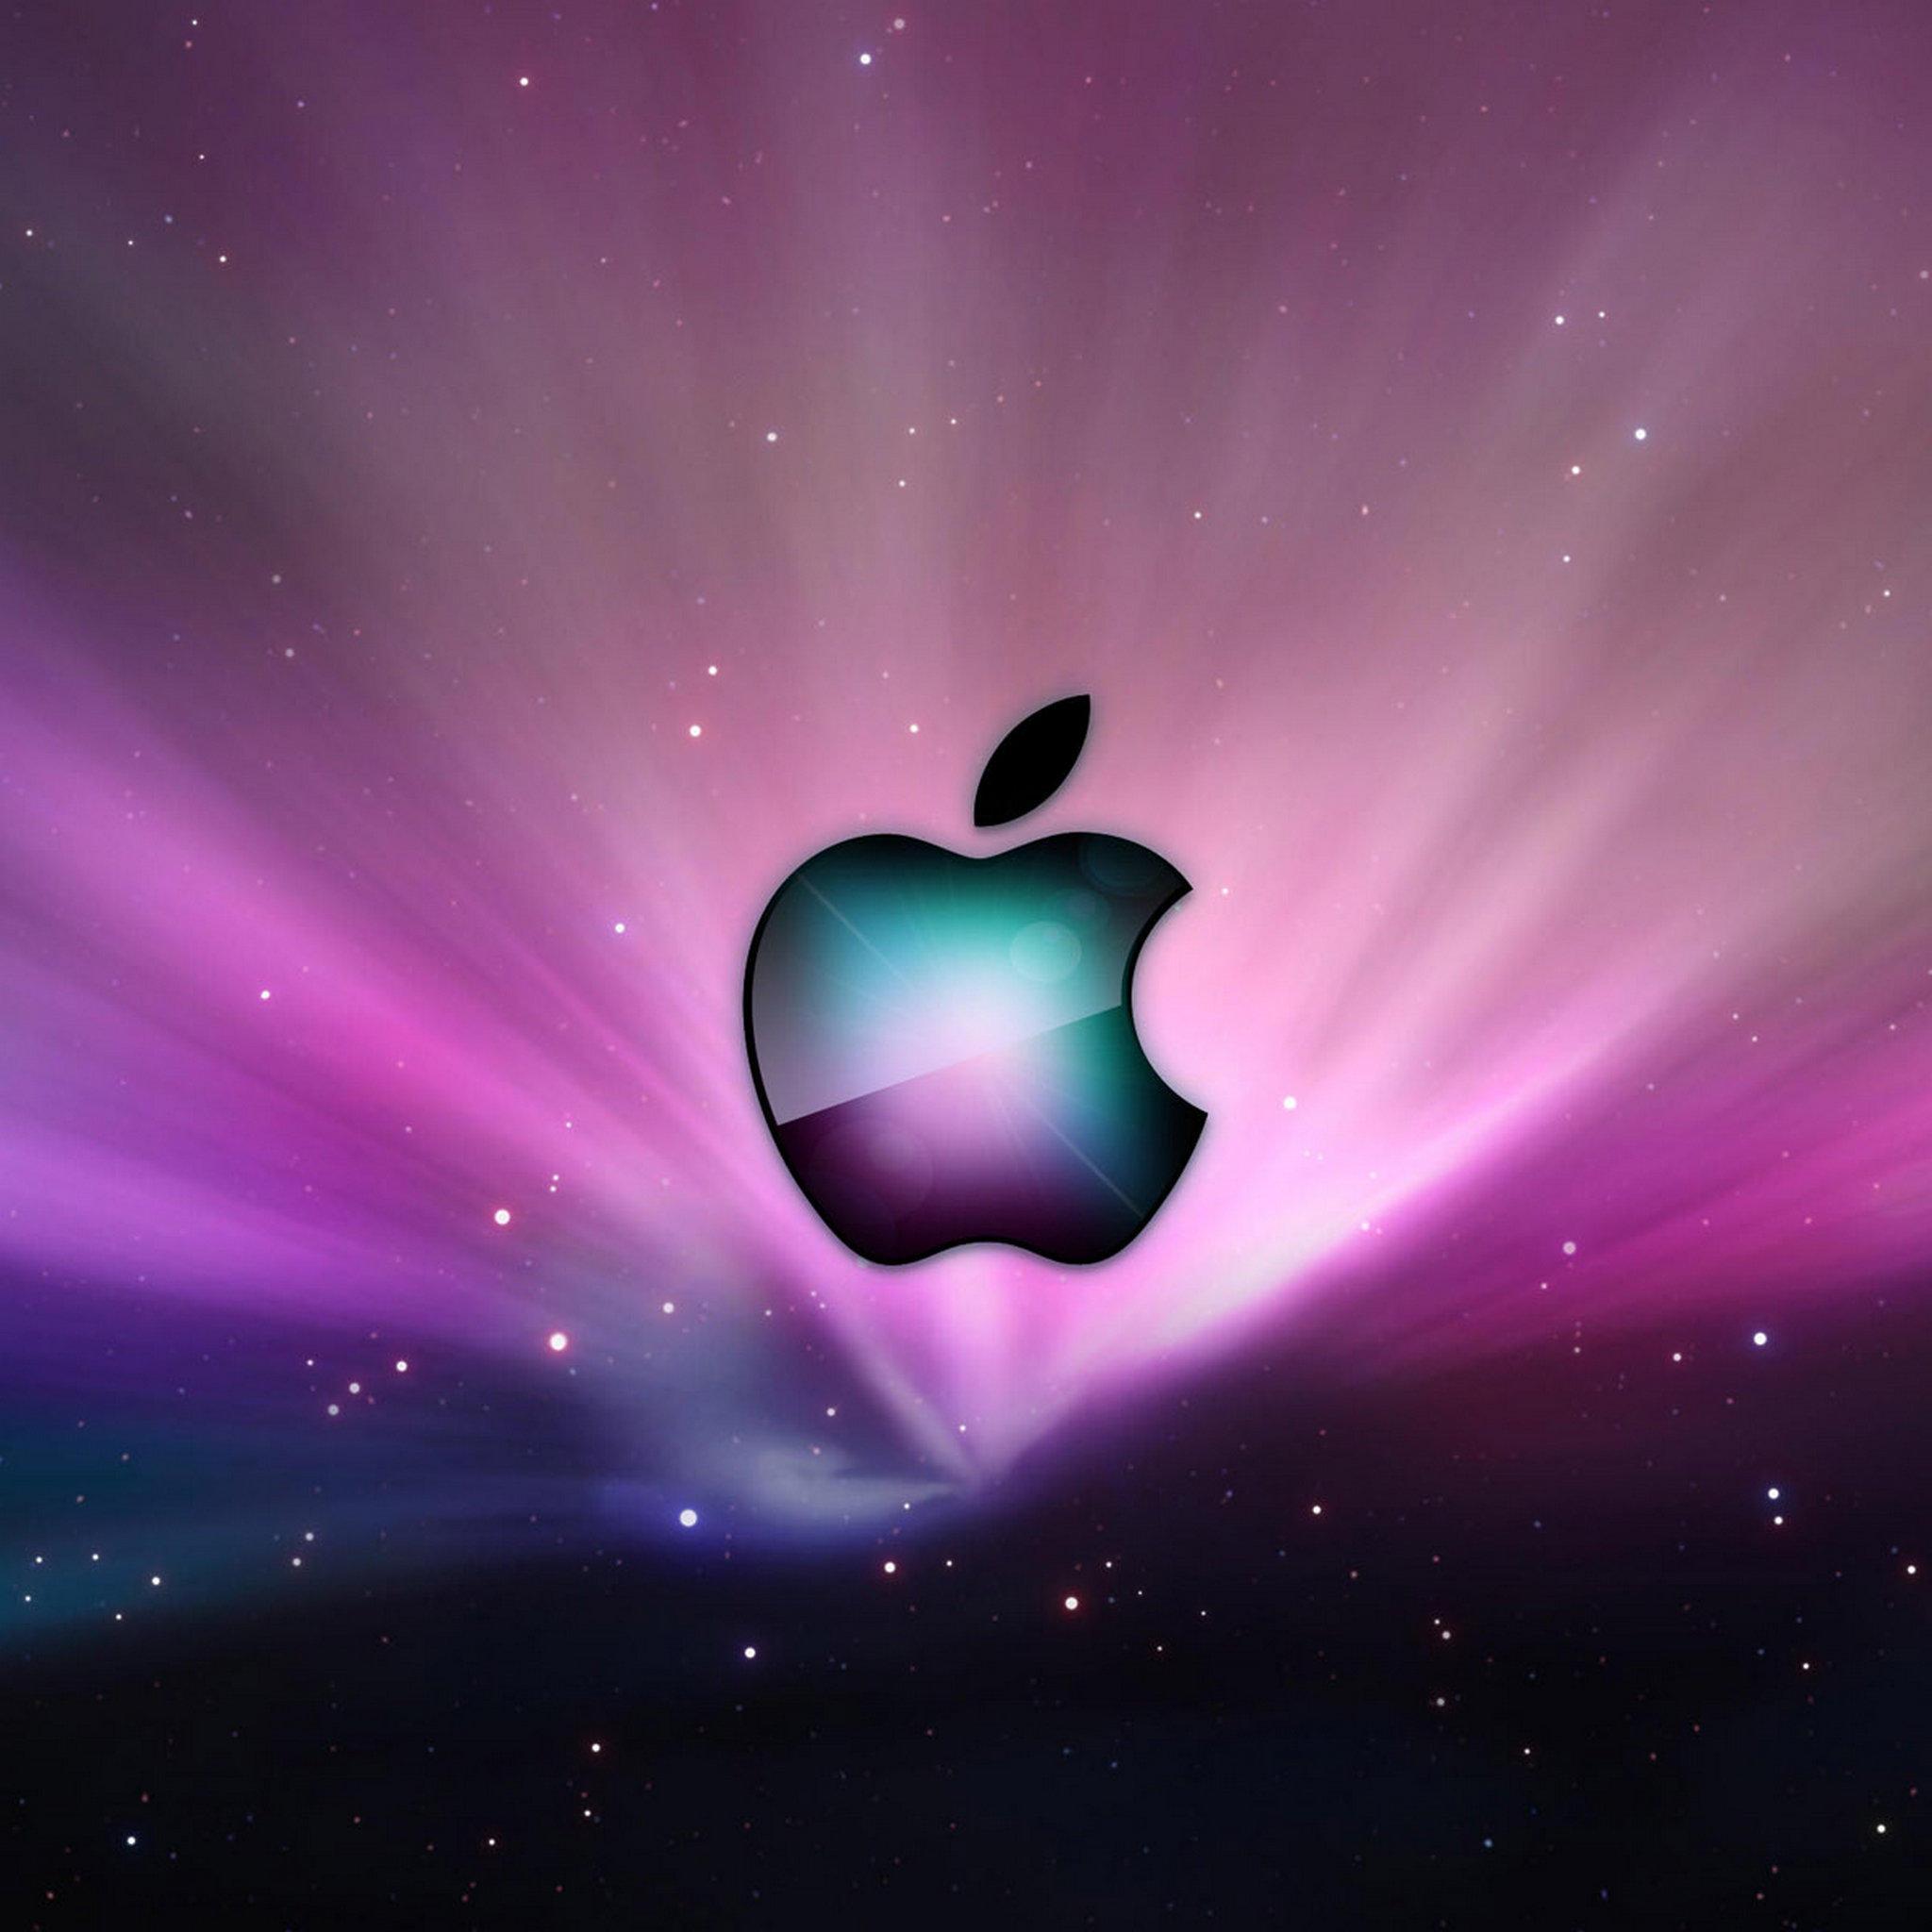 Wallpapers Apple LOGO 054   Apple New iPad iPad 3 iPad 4 Wallpapers 2048x2048